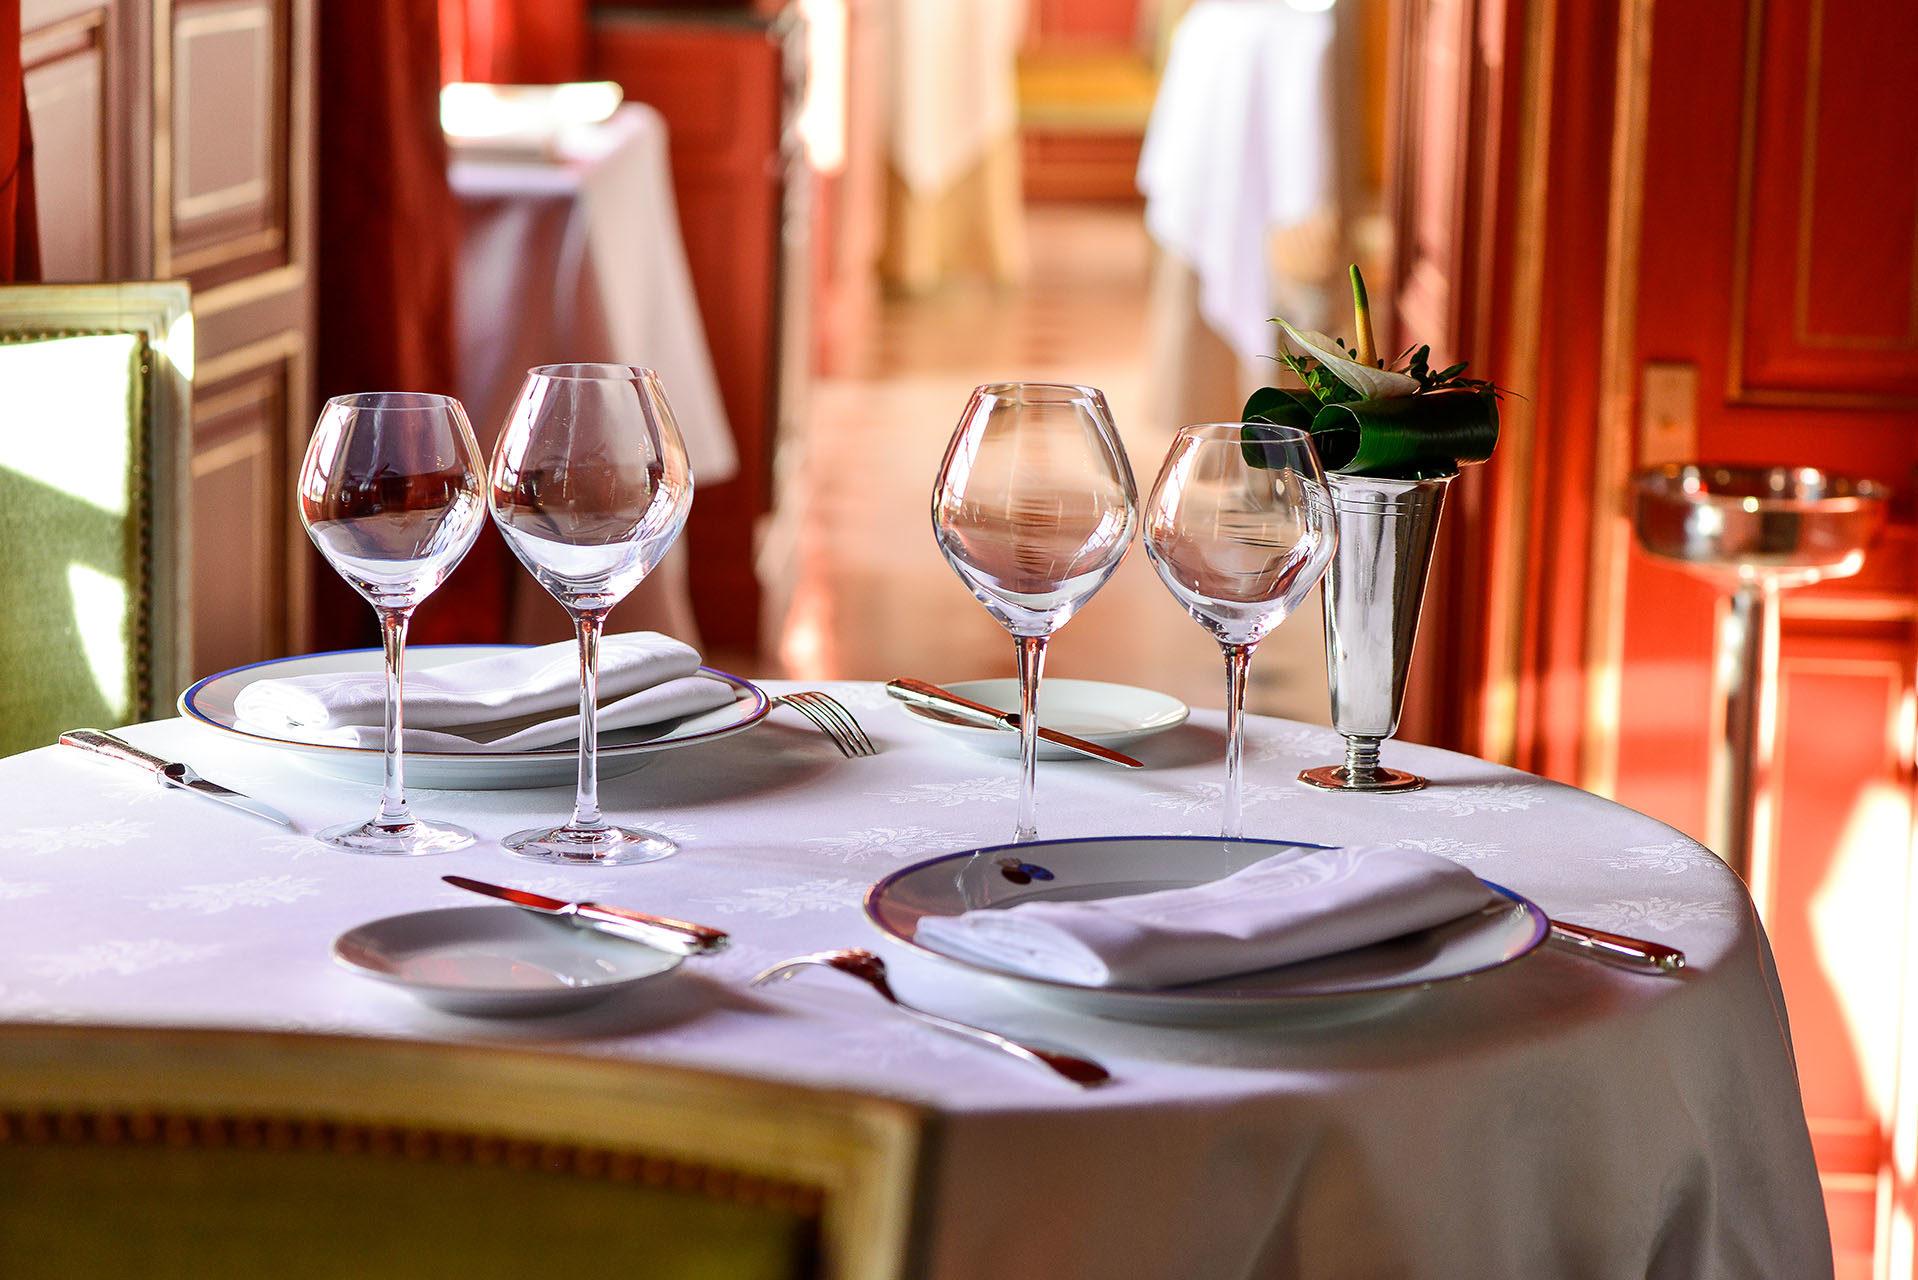 photographe-ile-de-france-corporate-resort-hotellerie-chateau-d-audrieu-normandie